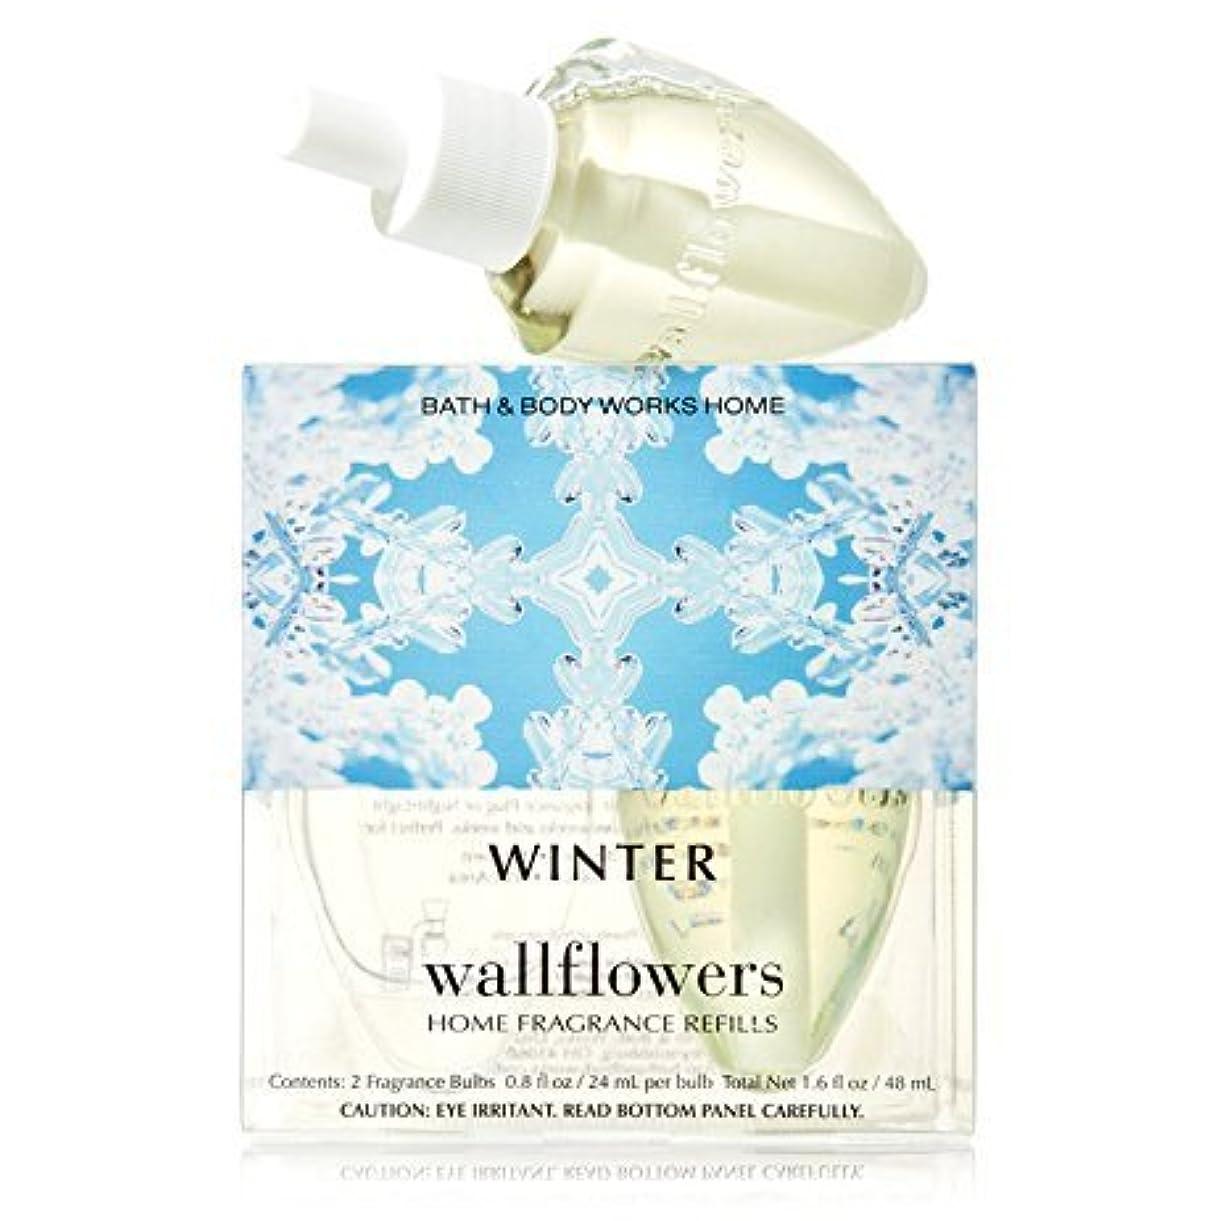 に同意する道アウトドア【Bath&Body Works/バス&ボディワークス】 ルームフレグランス 詰替えリフィル(2個入り) ウィンター Wallflowers Home Fragrance 2-Pack Refills Winter [並行輸入品]